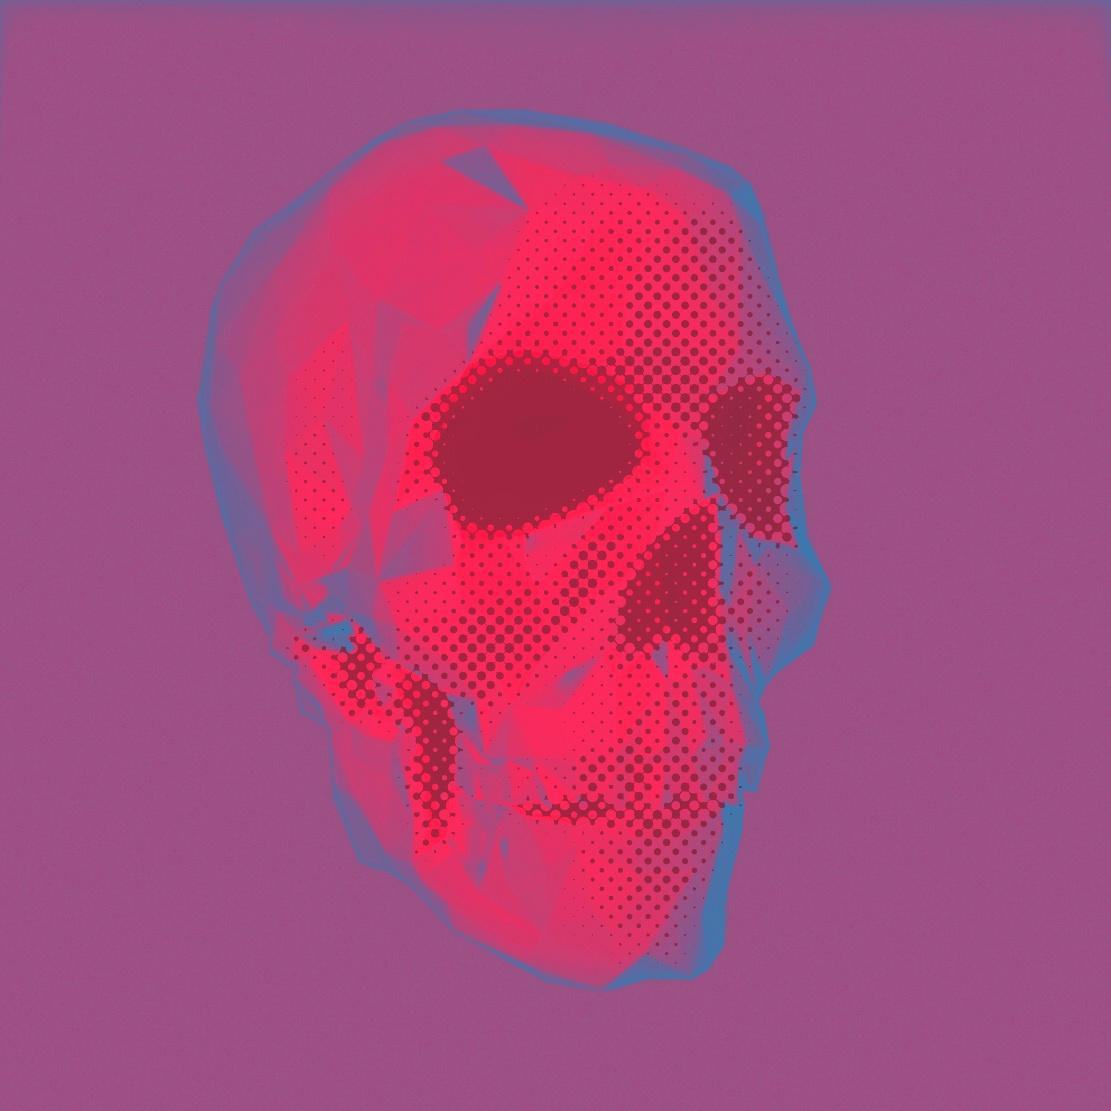 skull_cybermonk-de_popart_032b.jpg